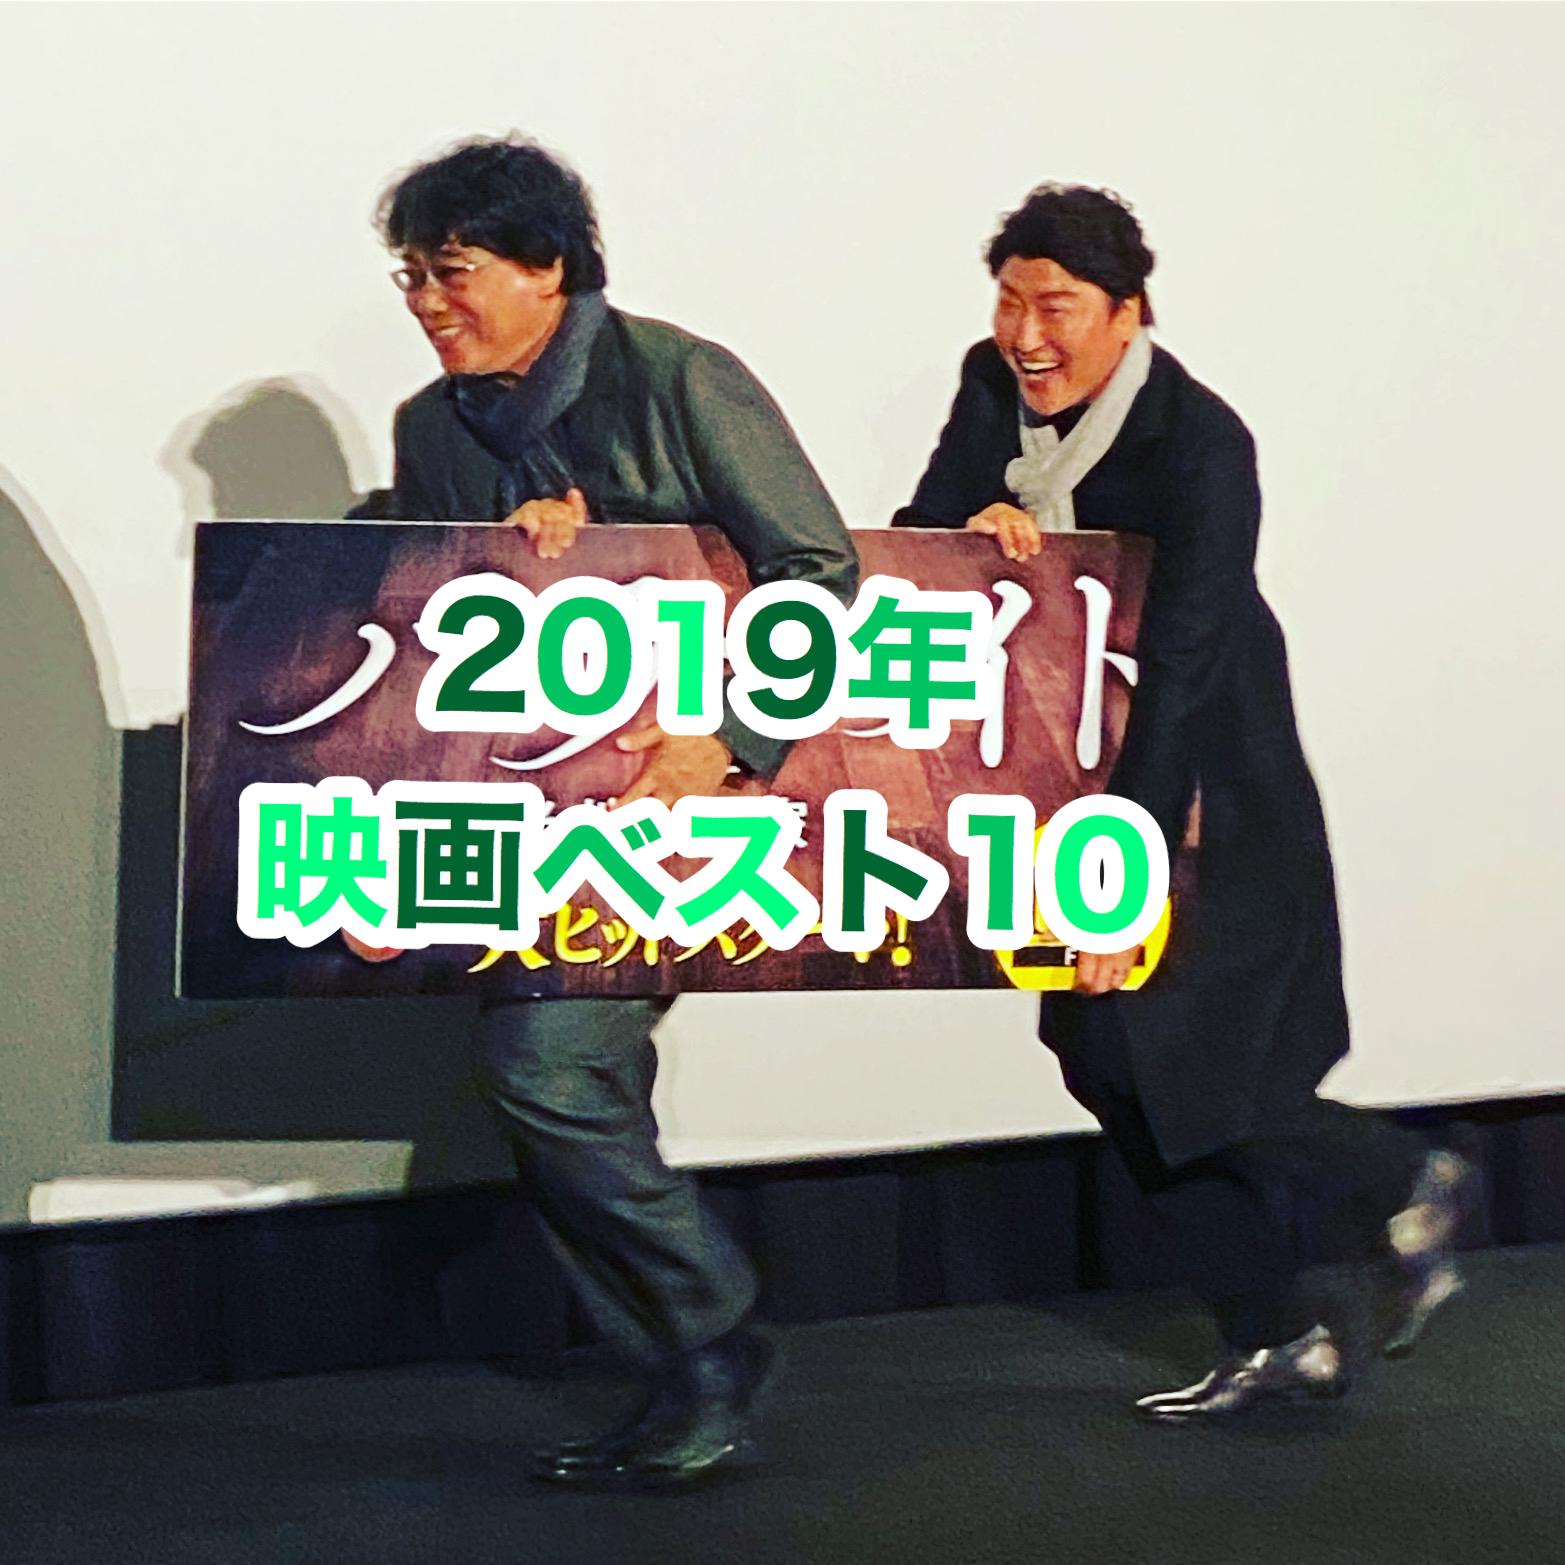 #2019年映画ベスト10